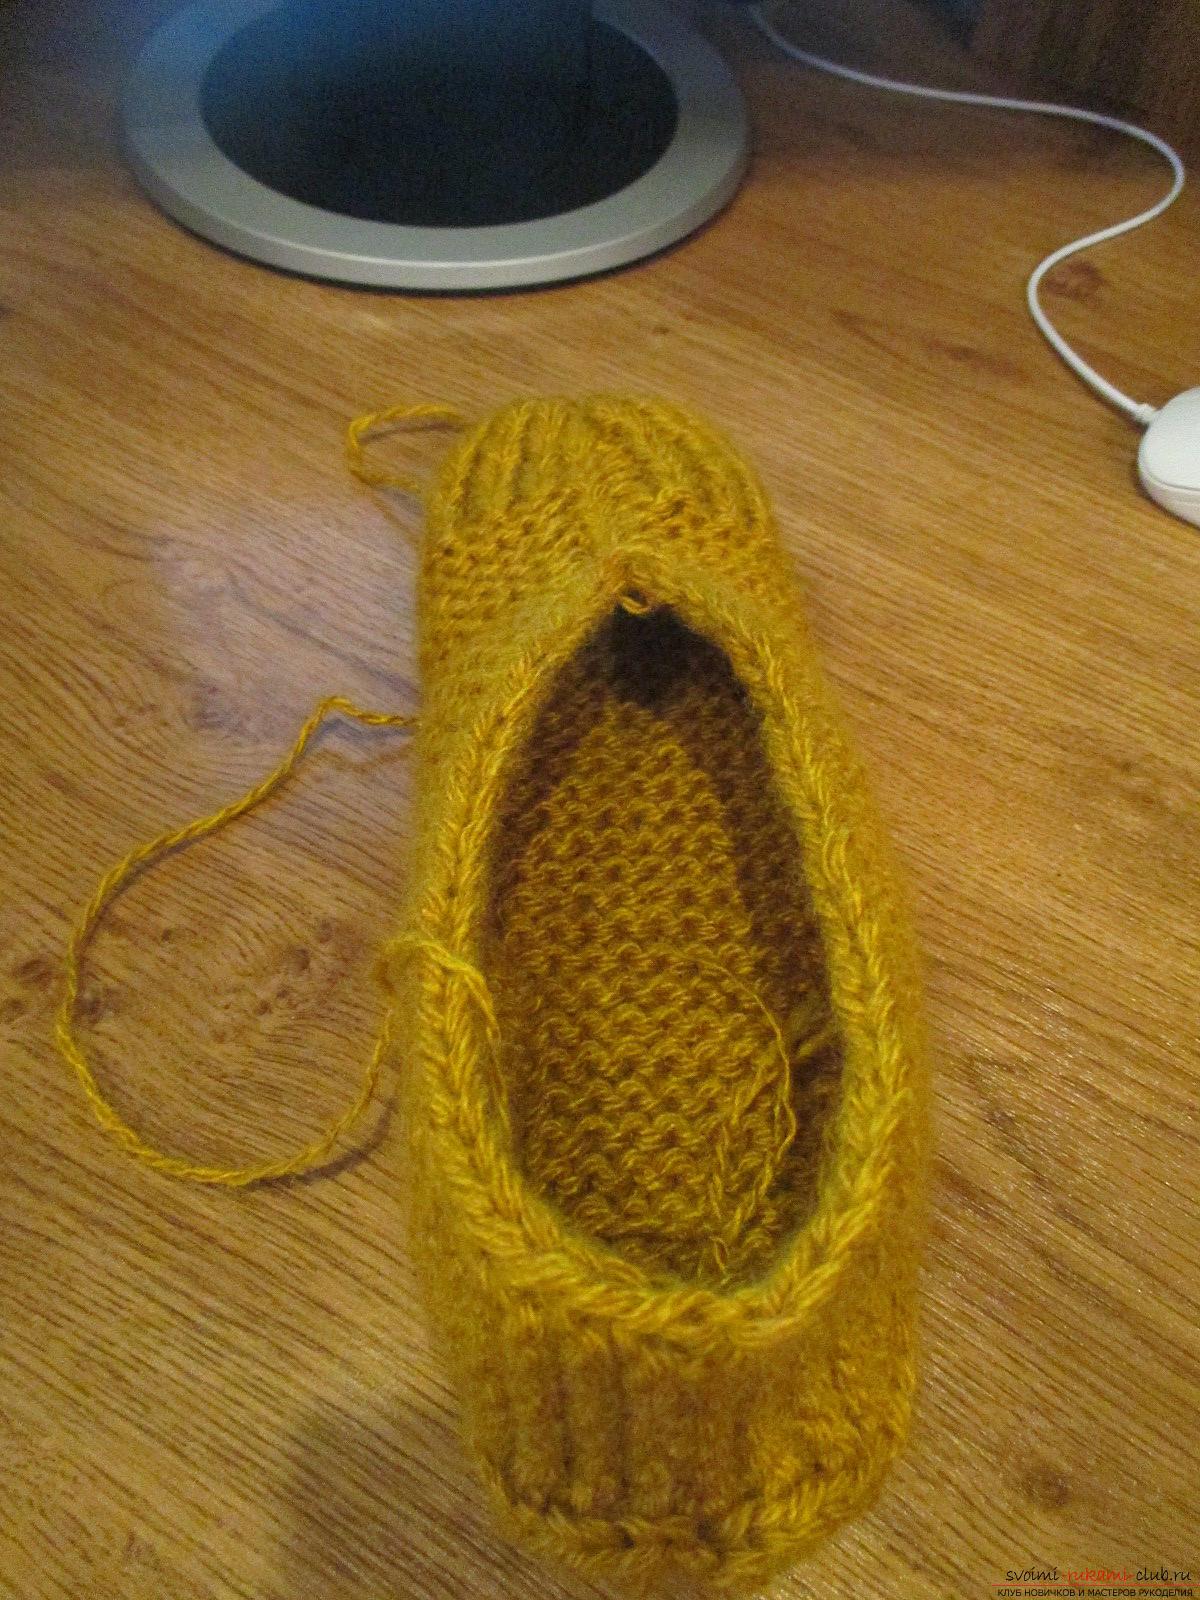 Этот мастер-класс по вязанию тапочек научит вязать теплые и уютные тапочки спицами